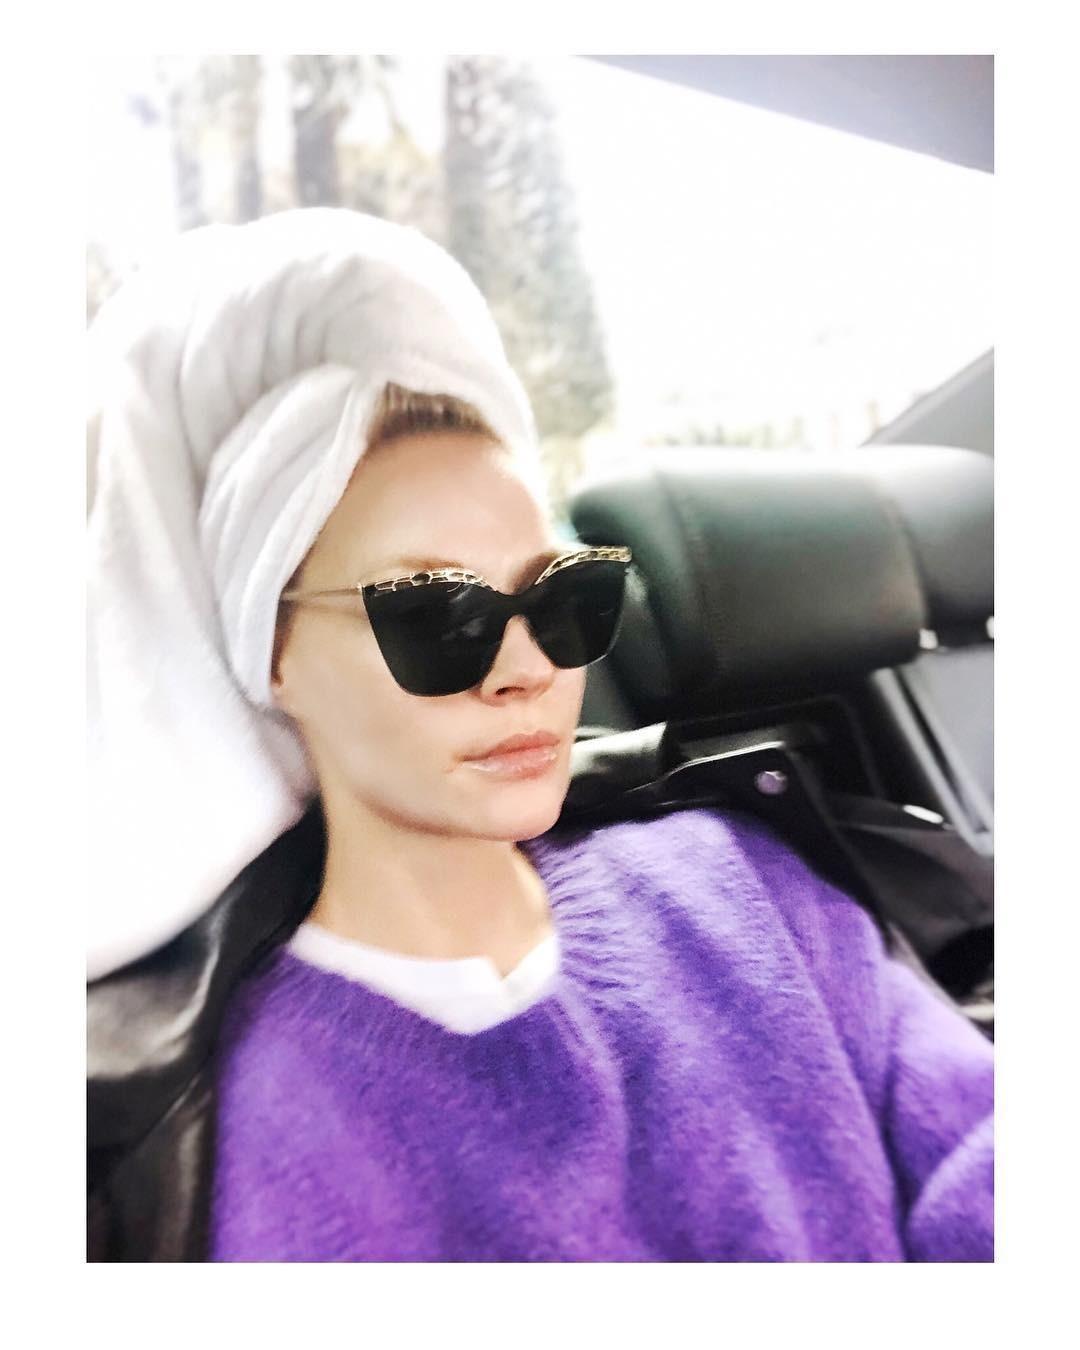 Звезда опубликовала вInstagram фото, где она едет вмашине сполотенцем наголове ивсолнечных очках.  Некоторые подписчики артистки удивились, другие оценили находчивость Ходченковой,...